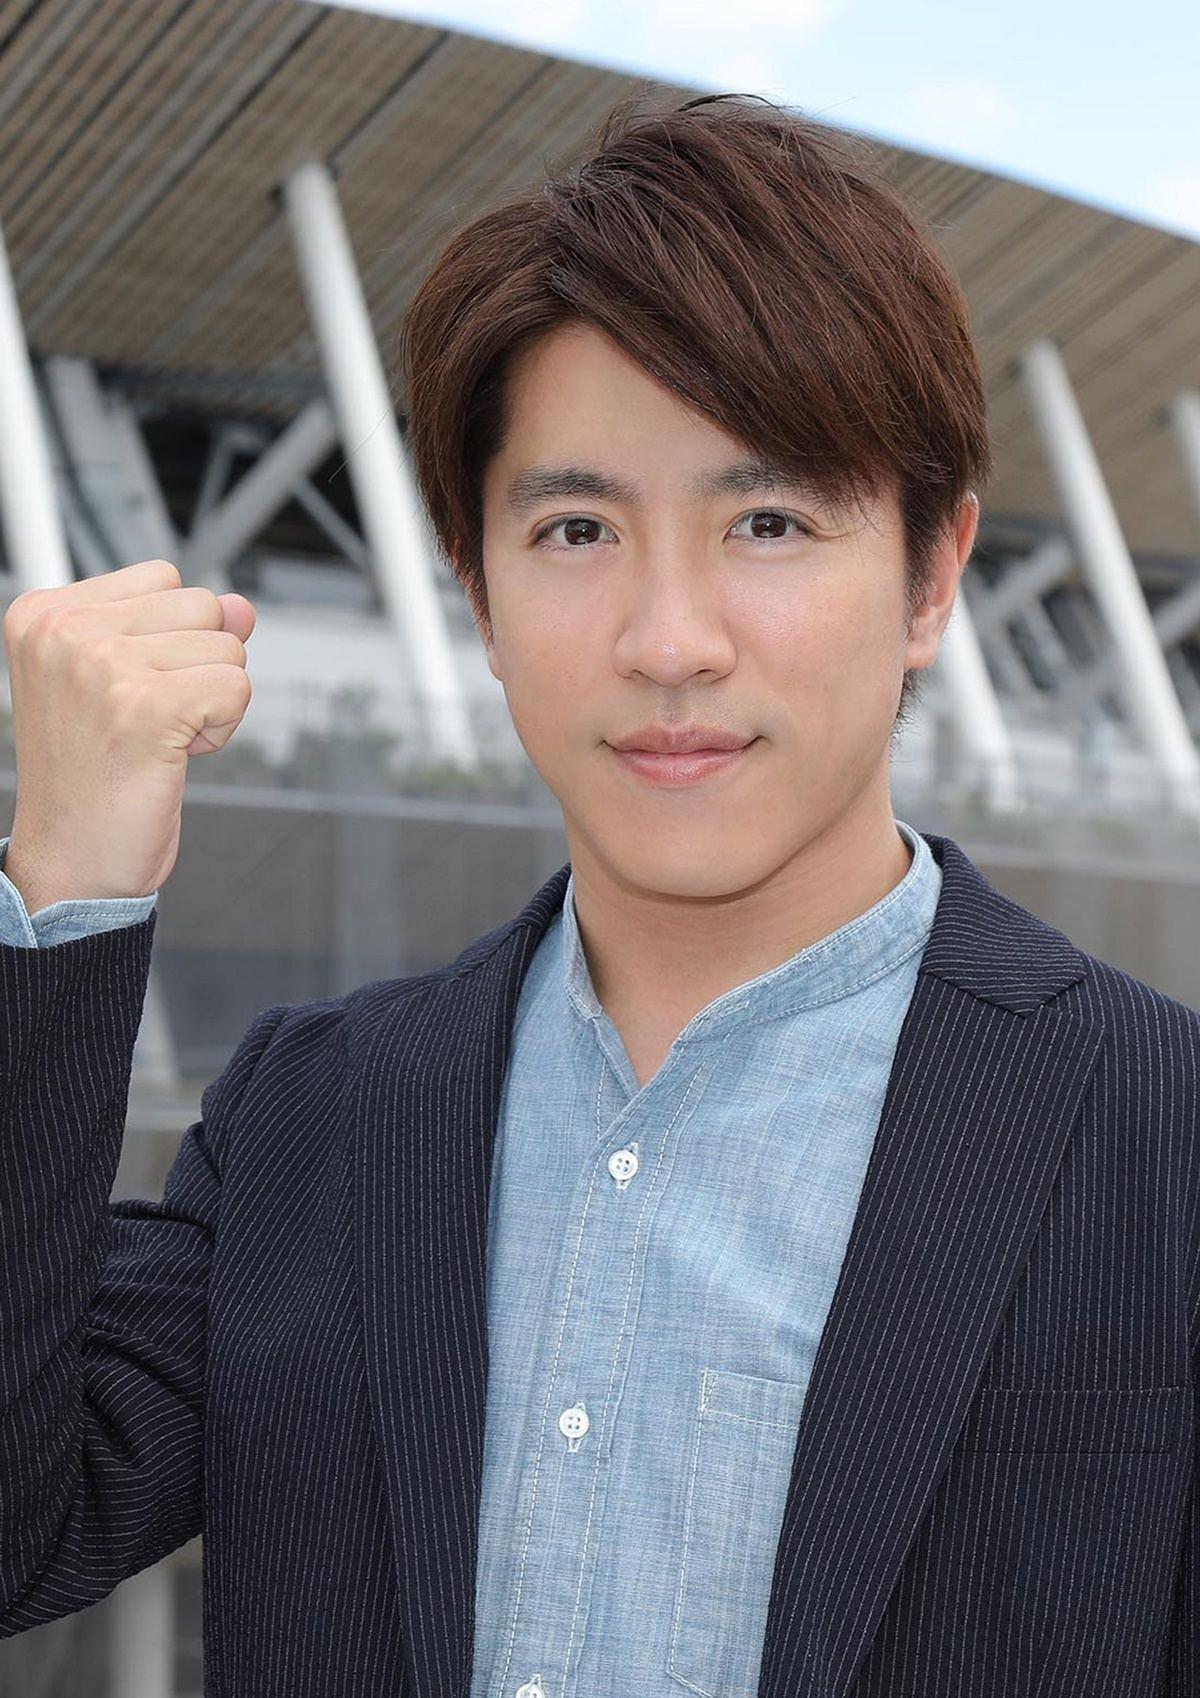 村上信五『東京マラソン』メーンキャスター「押さえられない興奮を」 | マイナビニュース